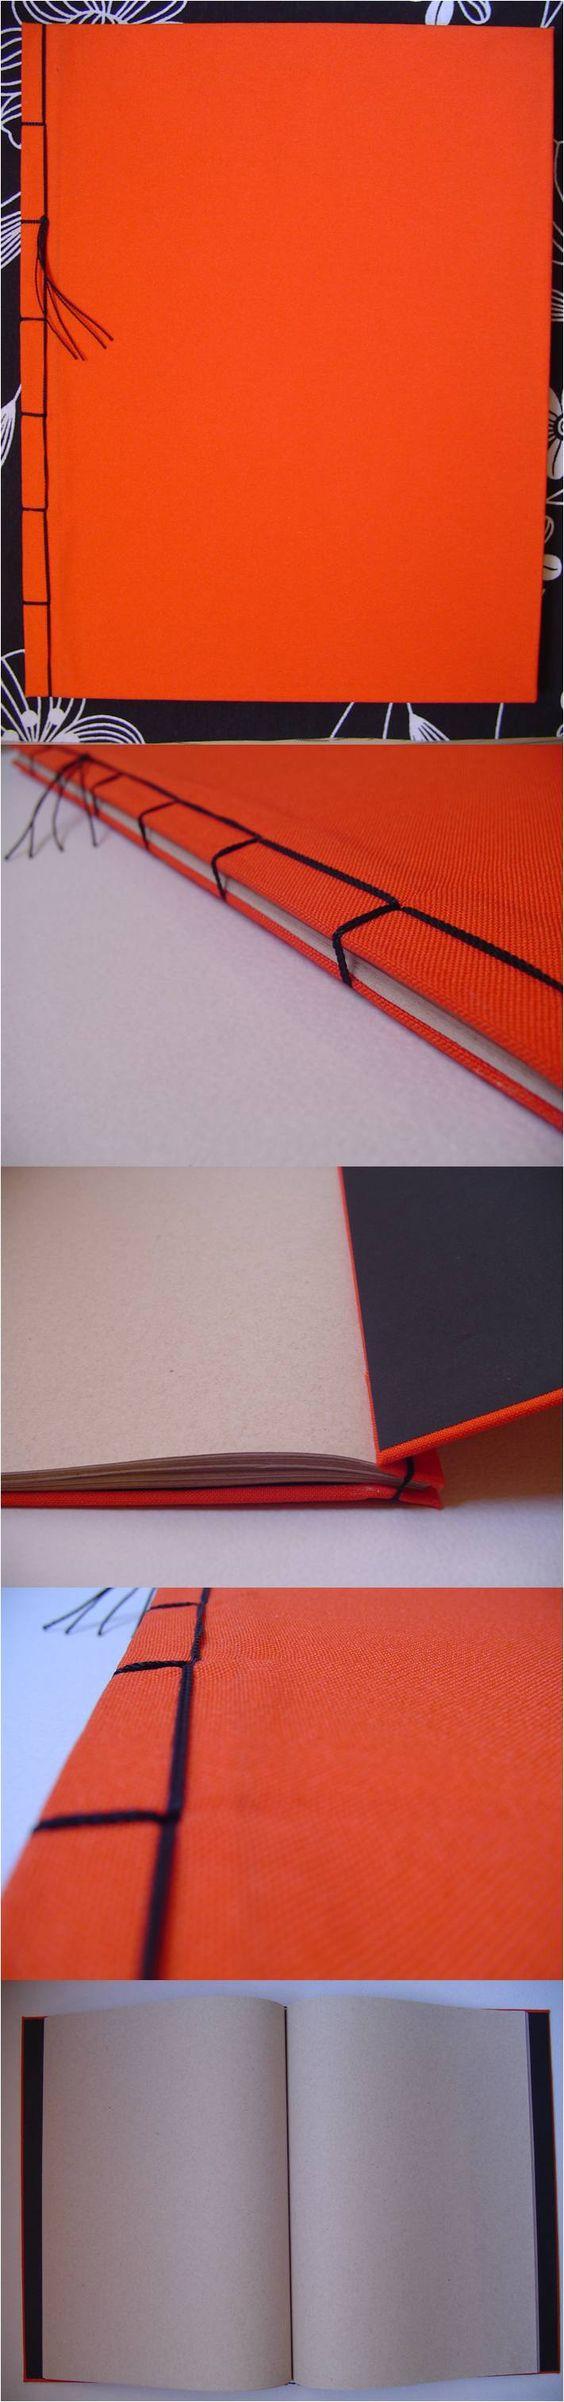 Cuaderno tamaño carta hecho a mano. 100 páginas, hojas recicladas. Pastas forradas de tela. *** Encuadernado, encuadernación, book binding, stab binding, manualidades